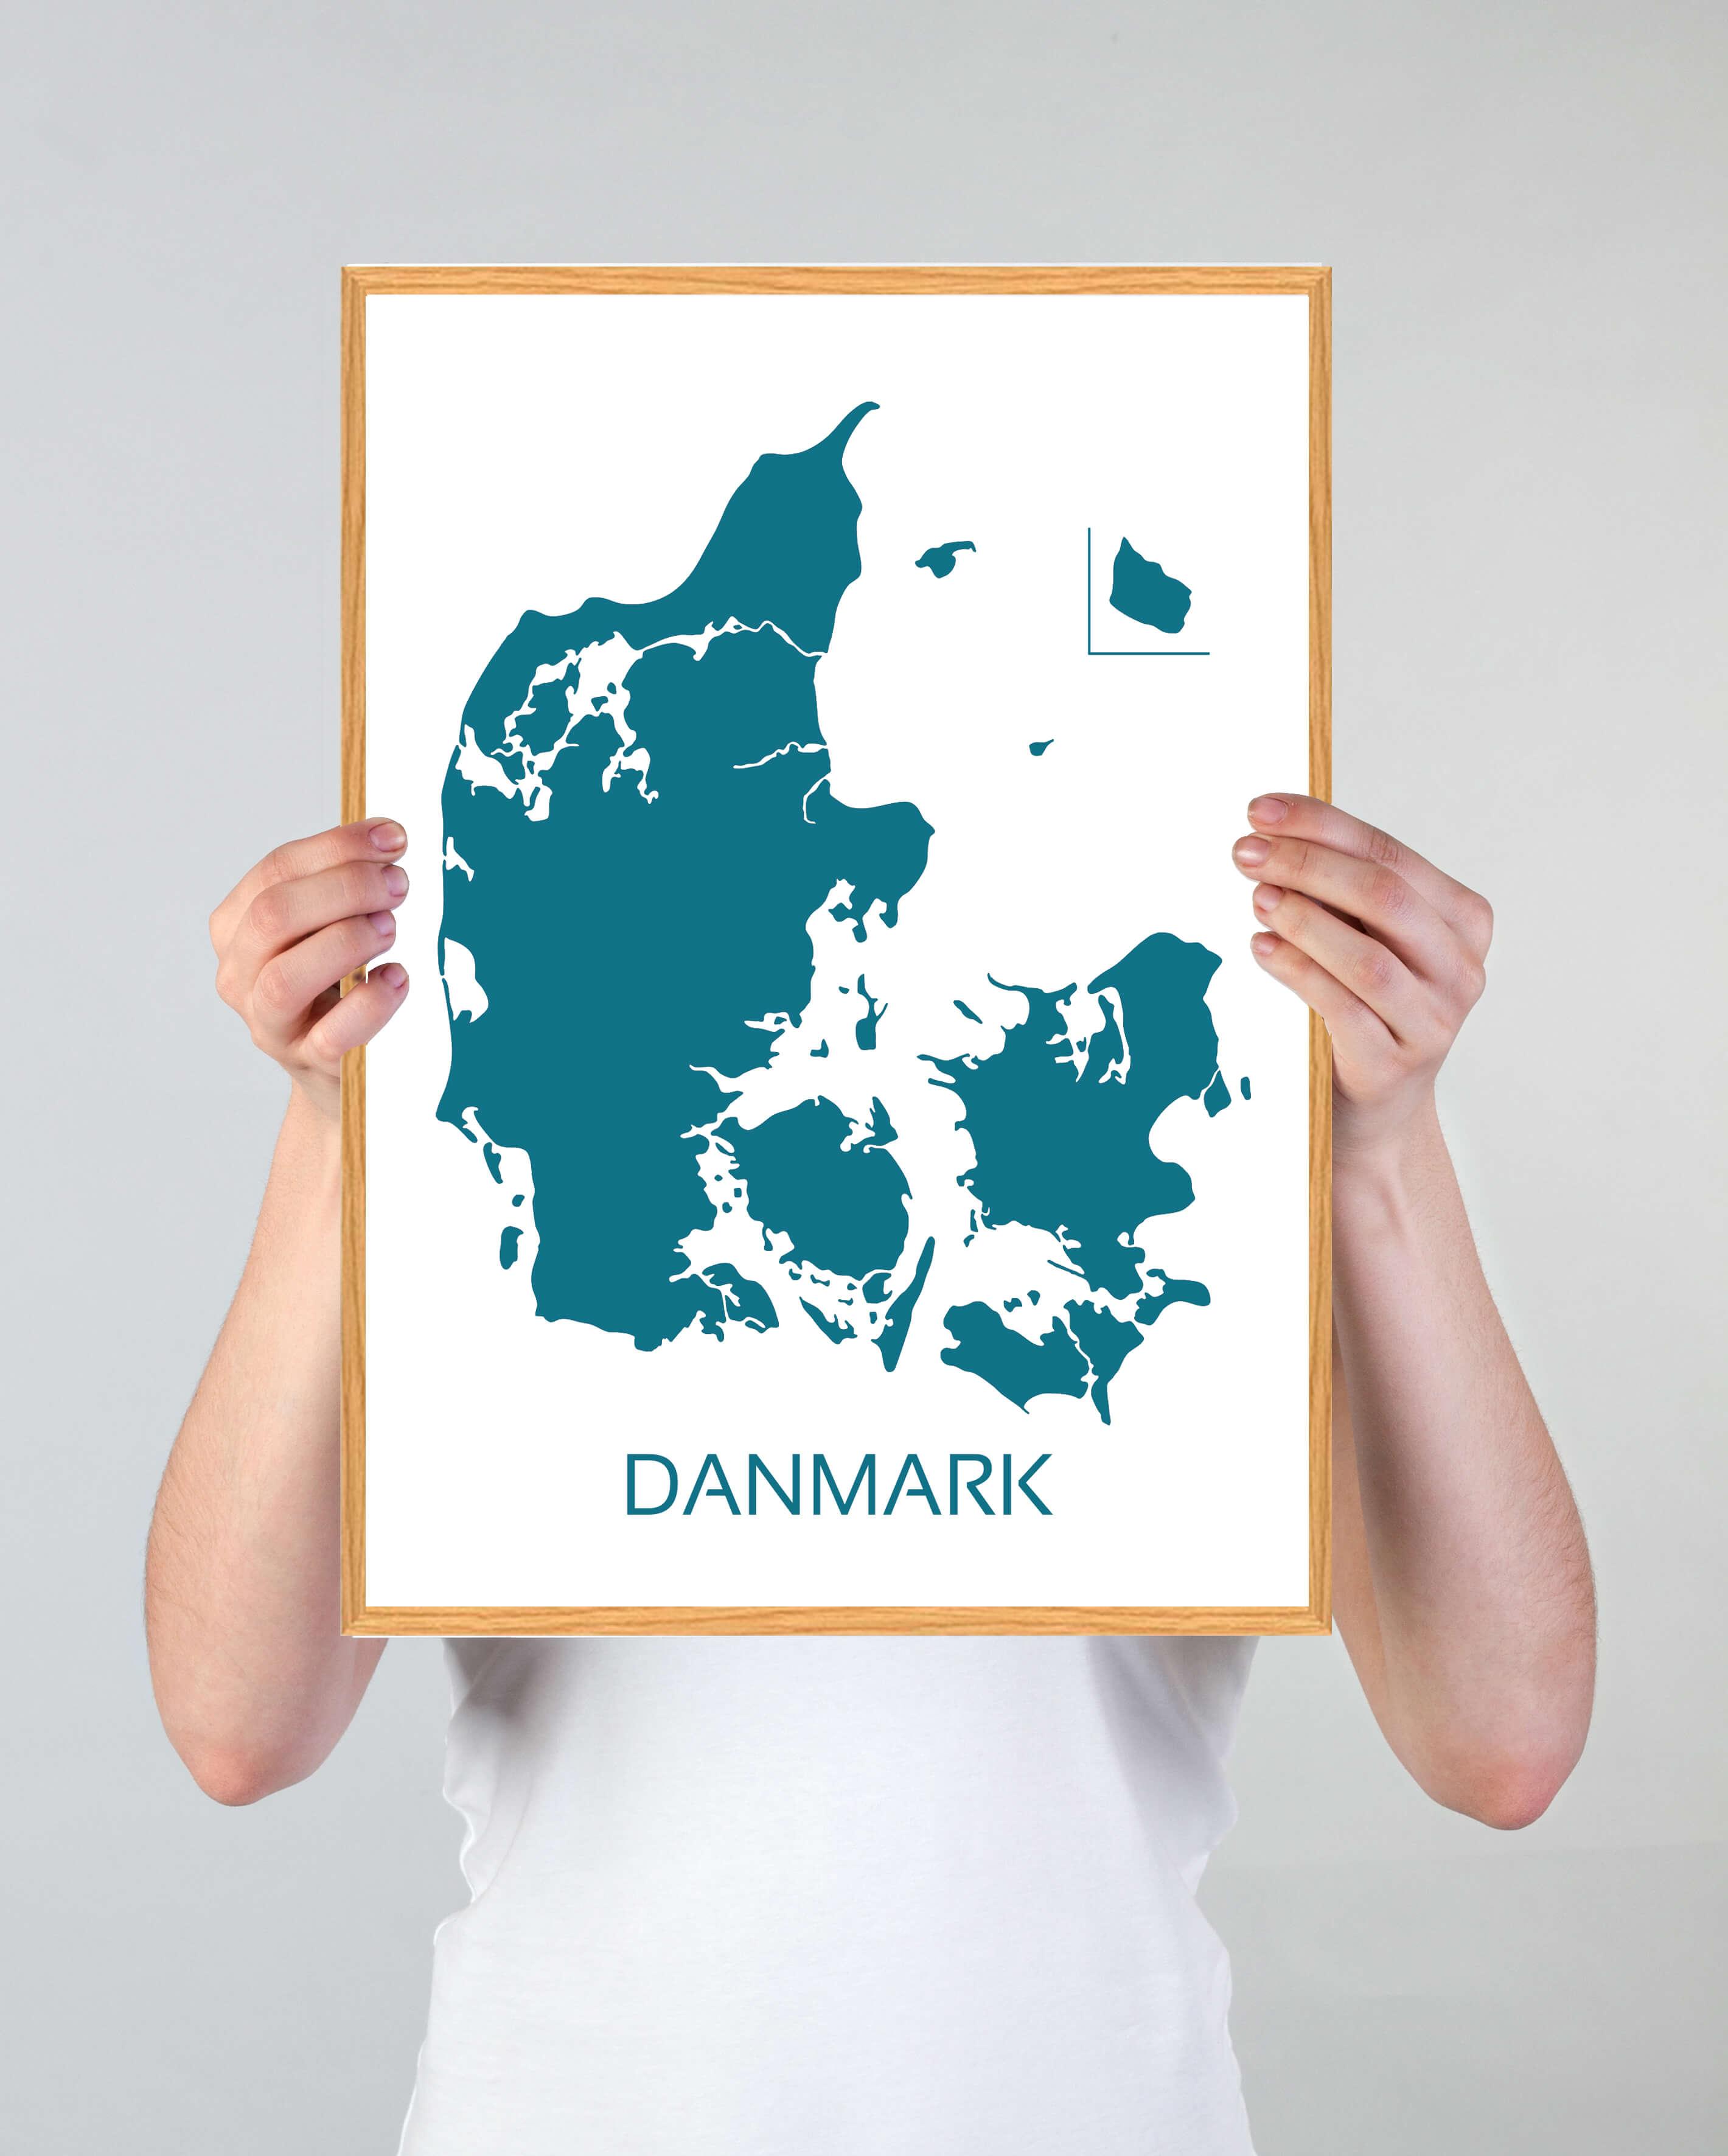 dk-kort-blaa